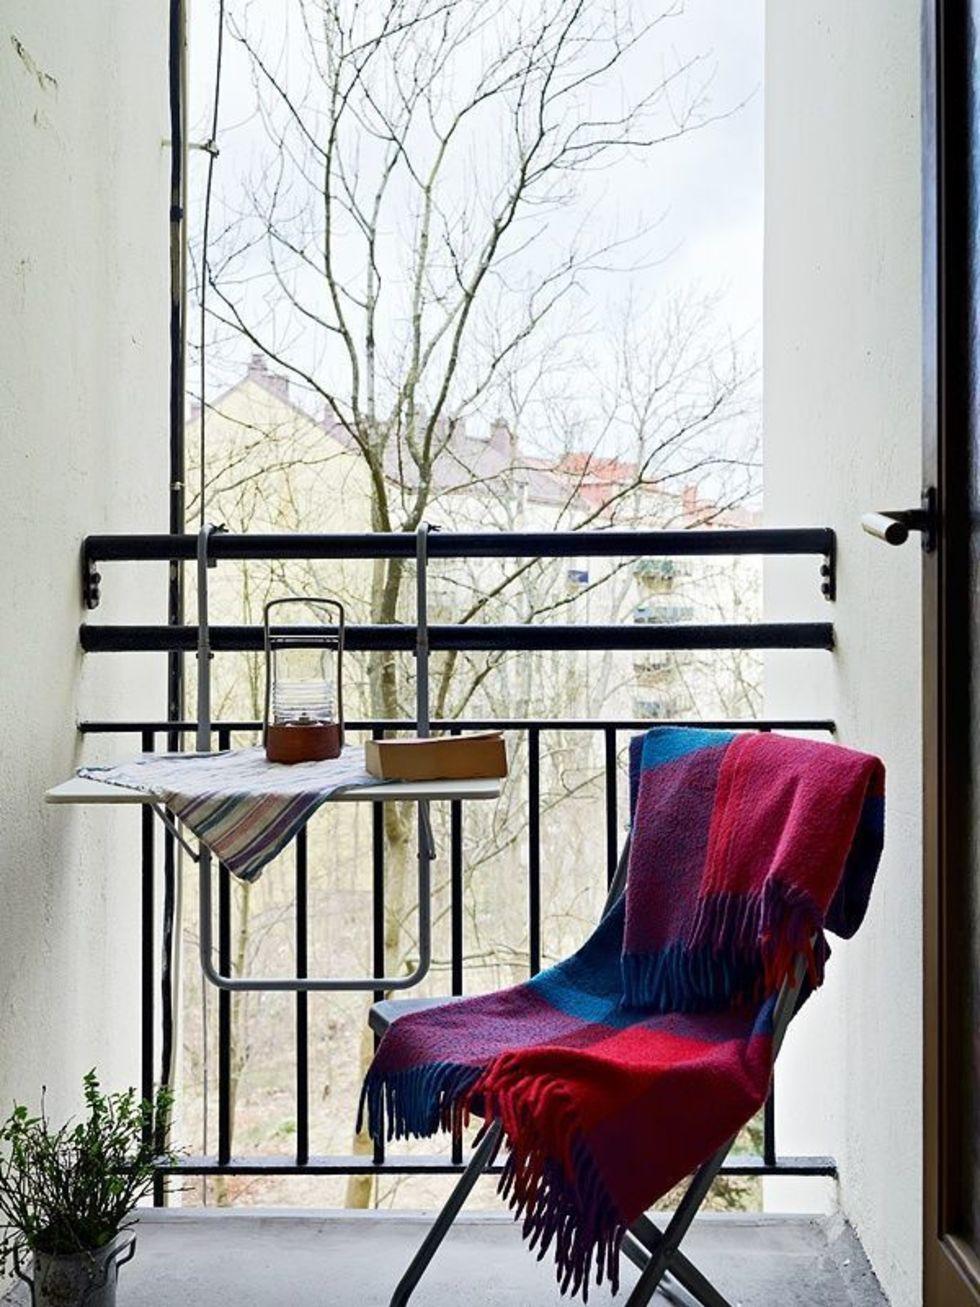 Столик на балкон: как выбрать и изготовить удобное изделие д.